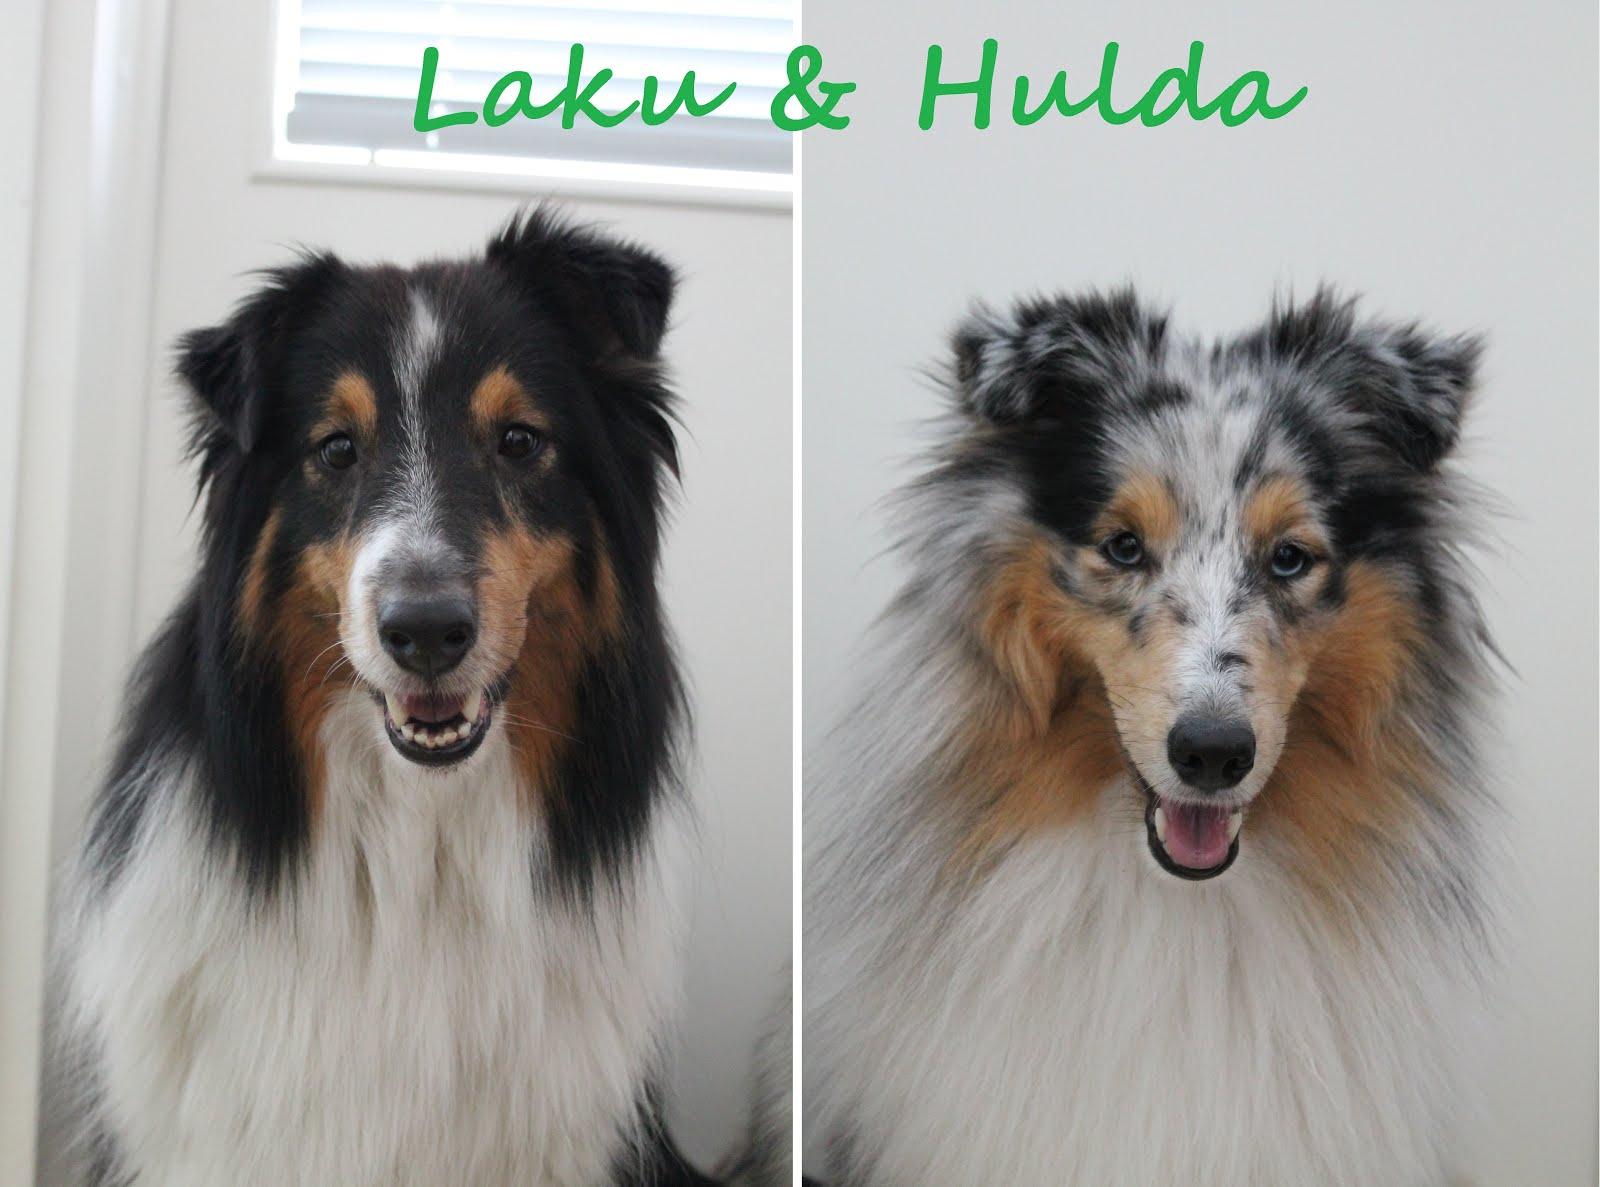 Laku & Hulda